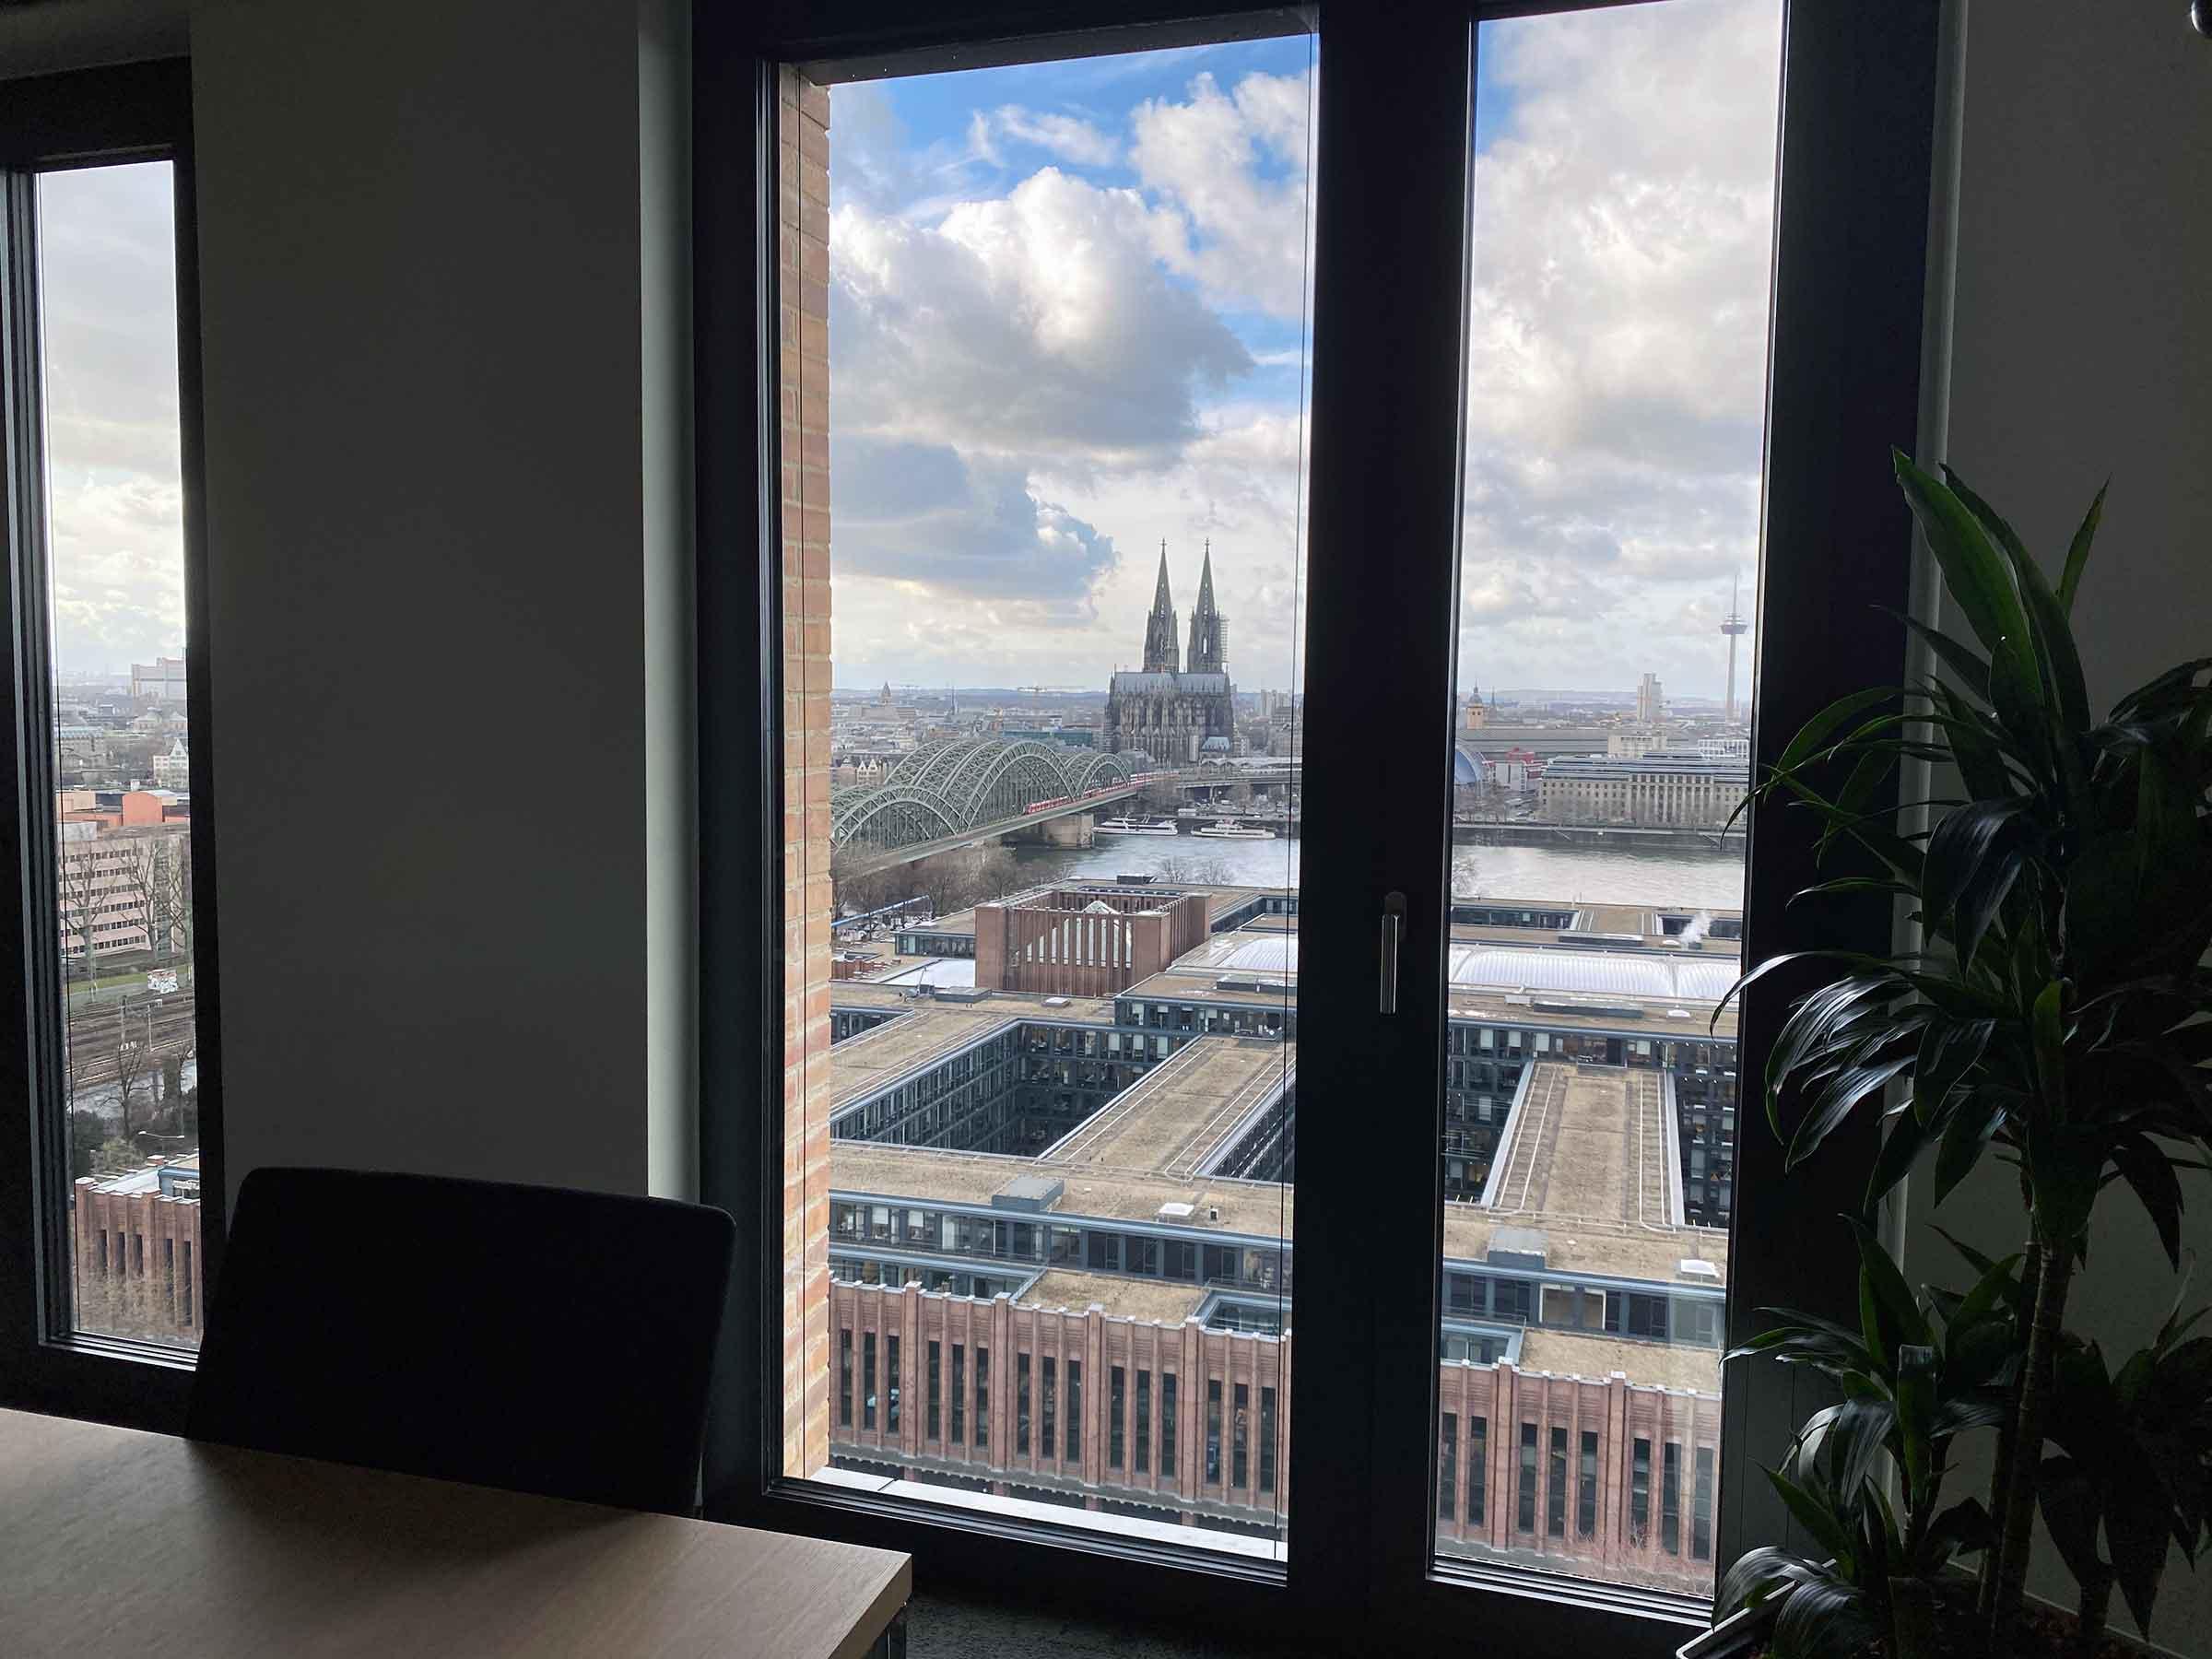 Durch ein Fenster sieht man den Rhein mit Hohernzollernbrücke und Dom. Im Vordergrund erahnt man einen Tisch mit Stuhl sowie eine Zimmerpflanze.